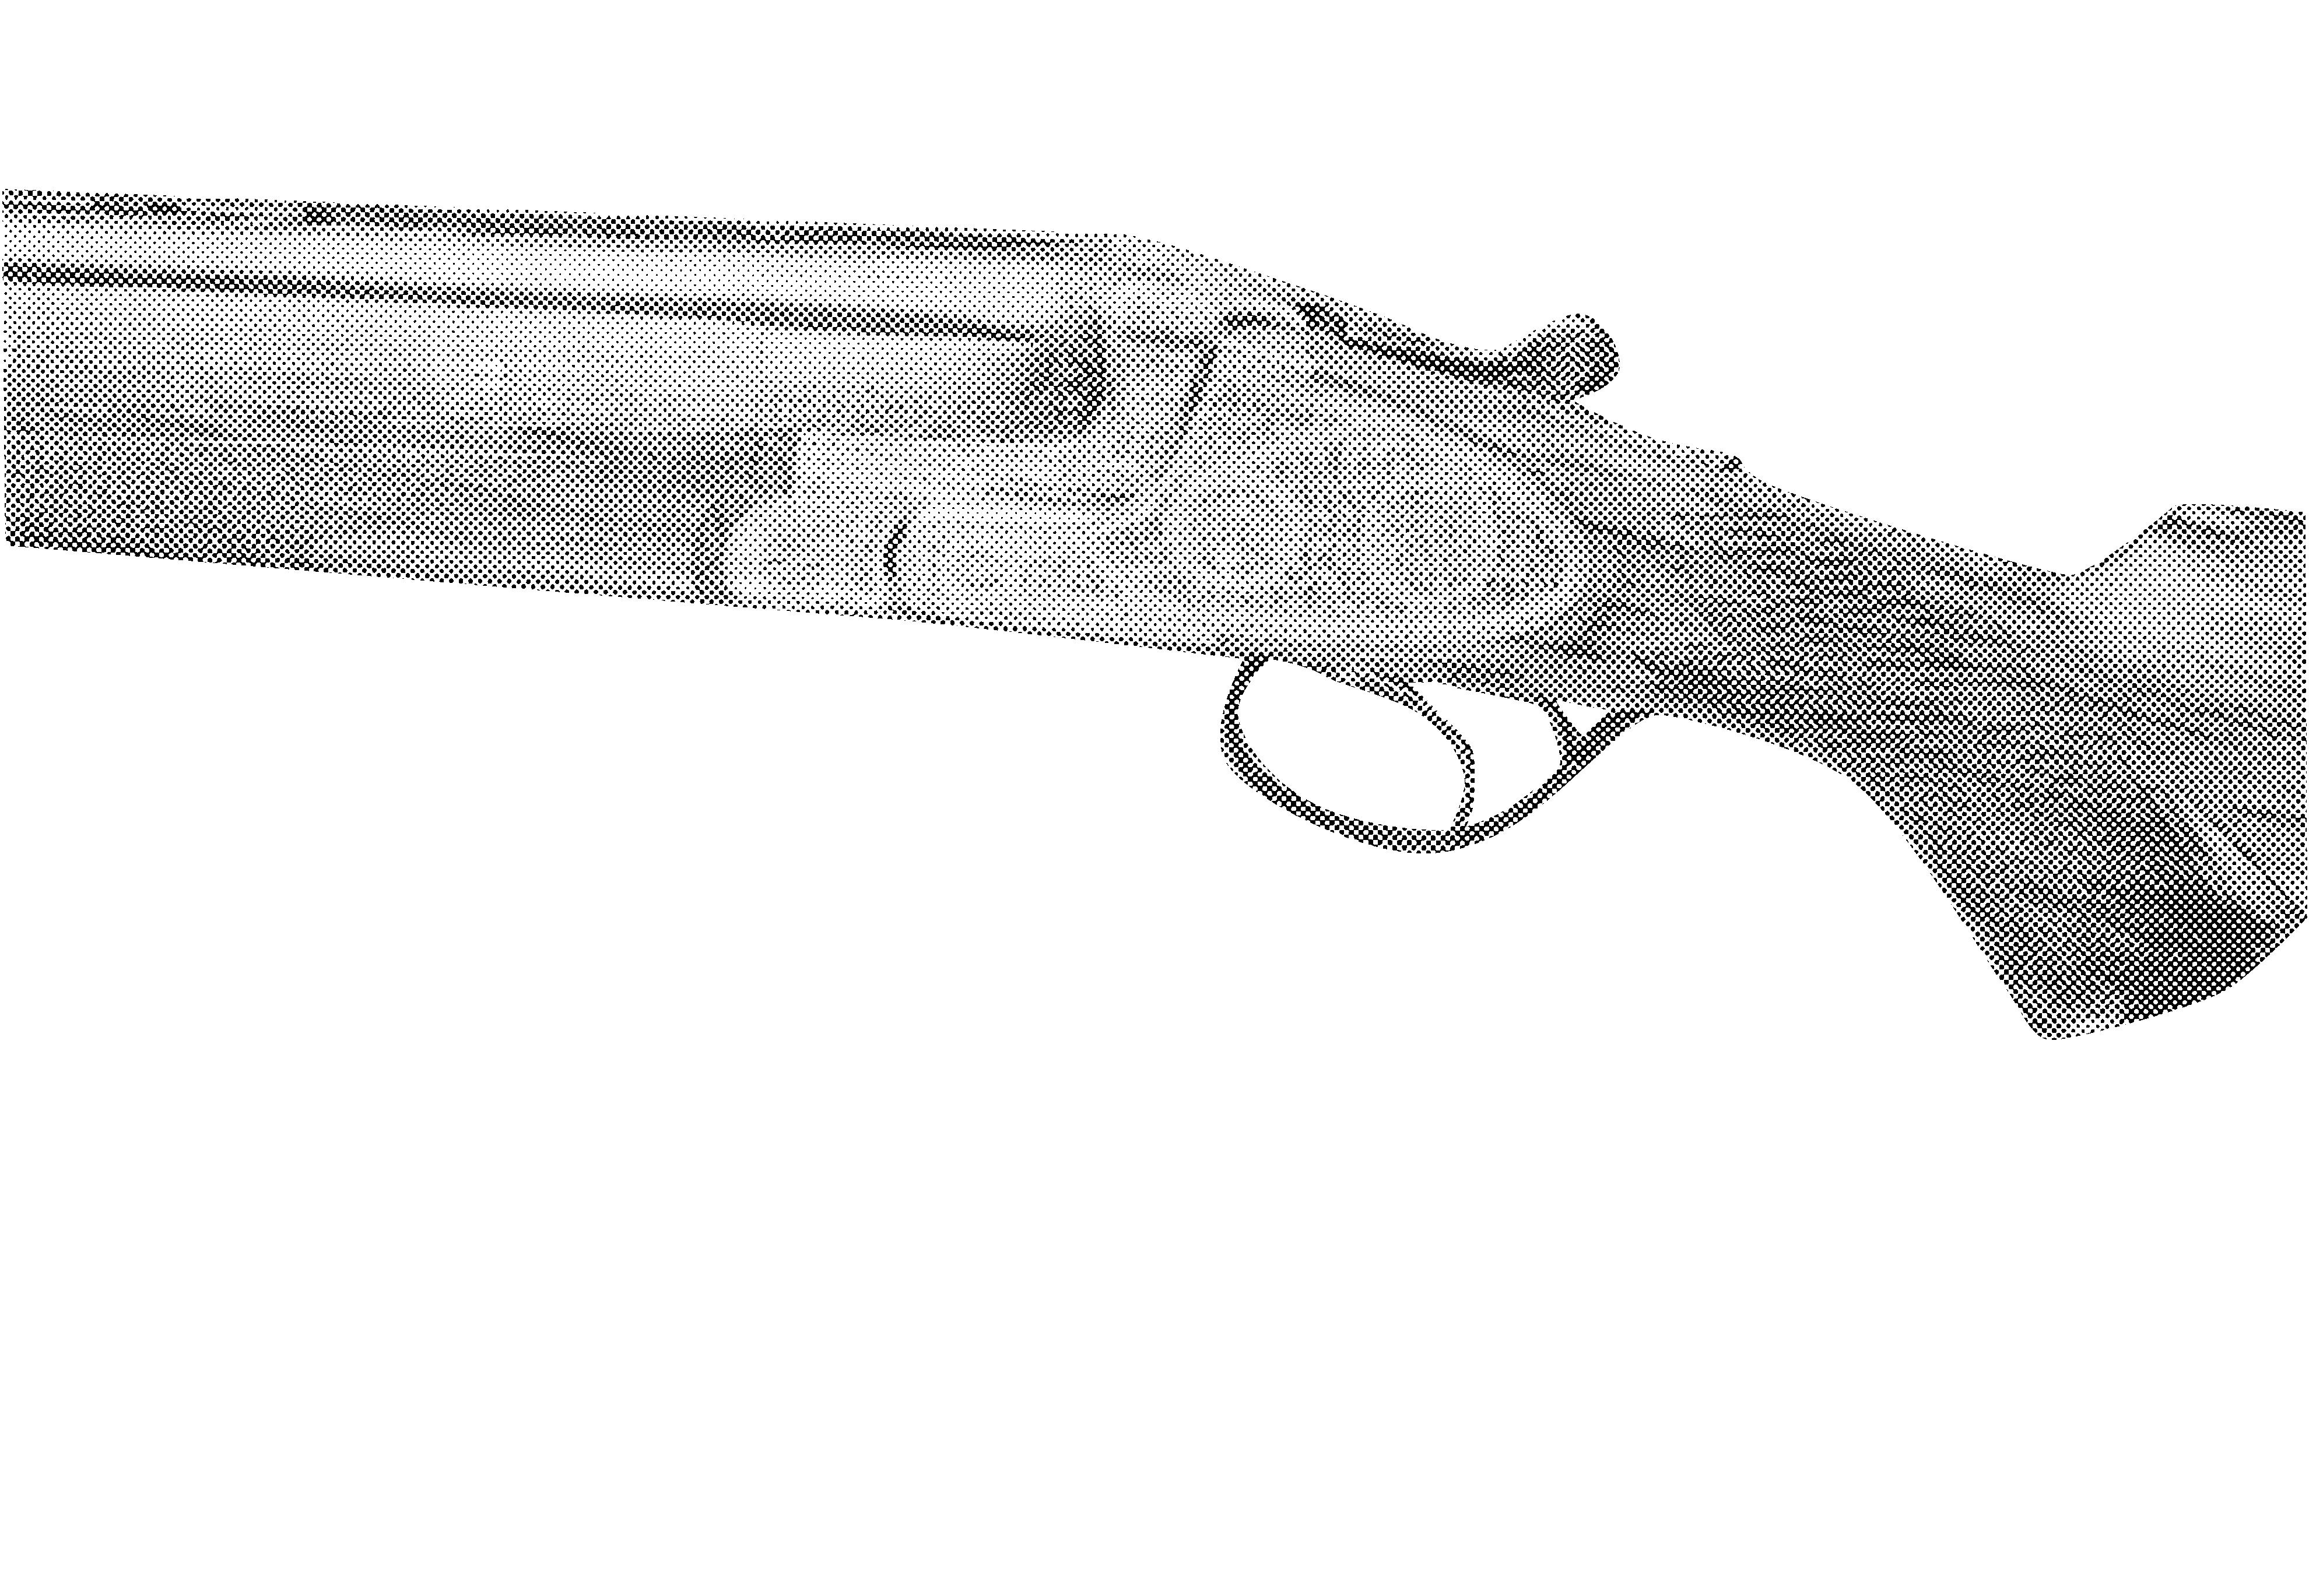 Model No. 37 Super